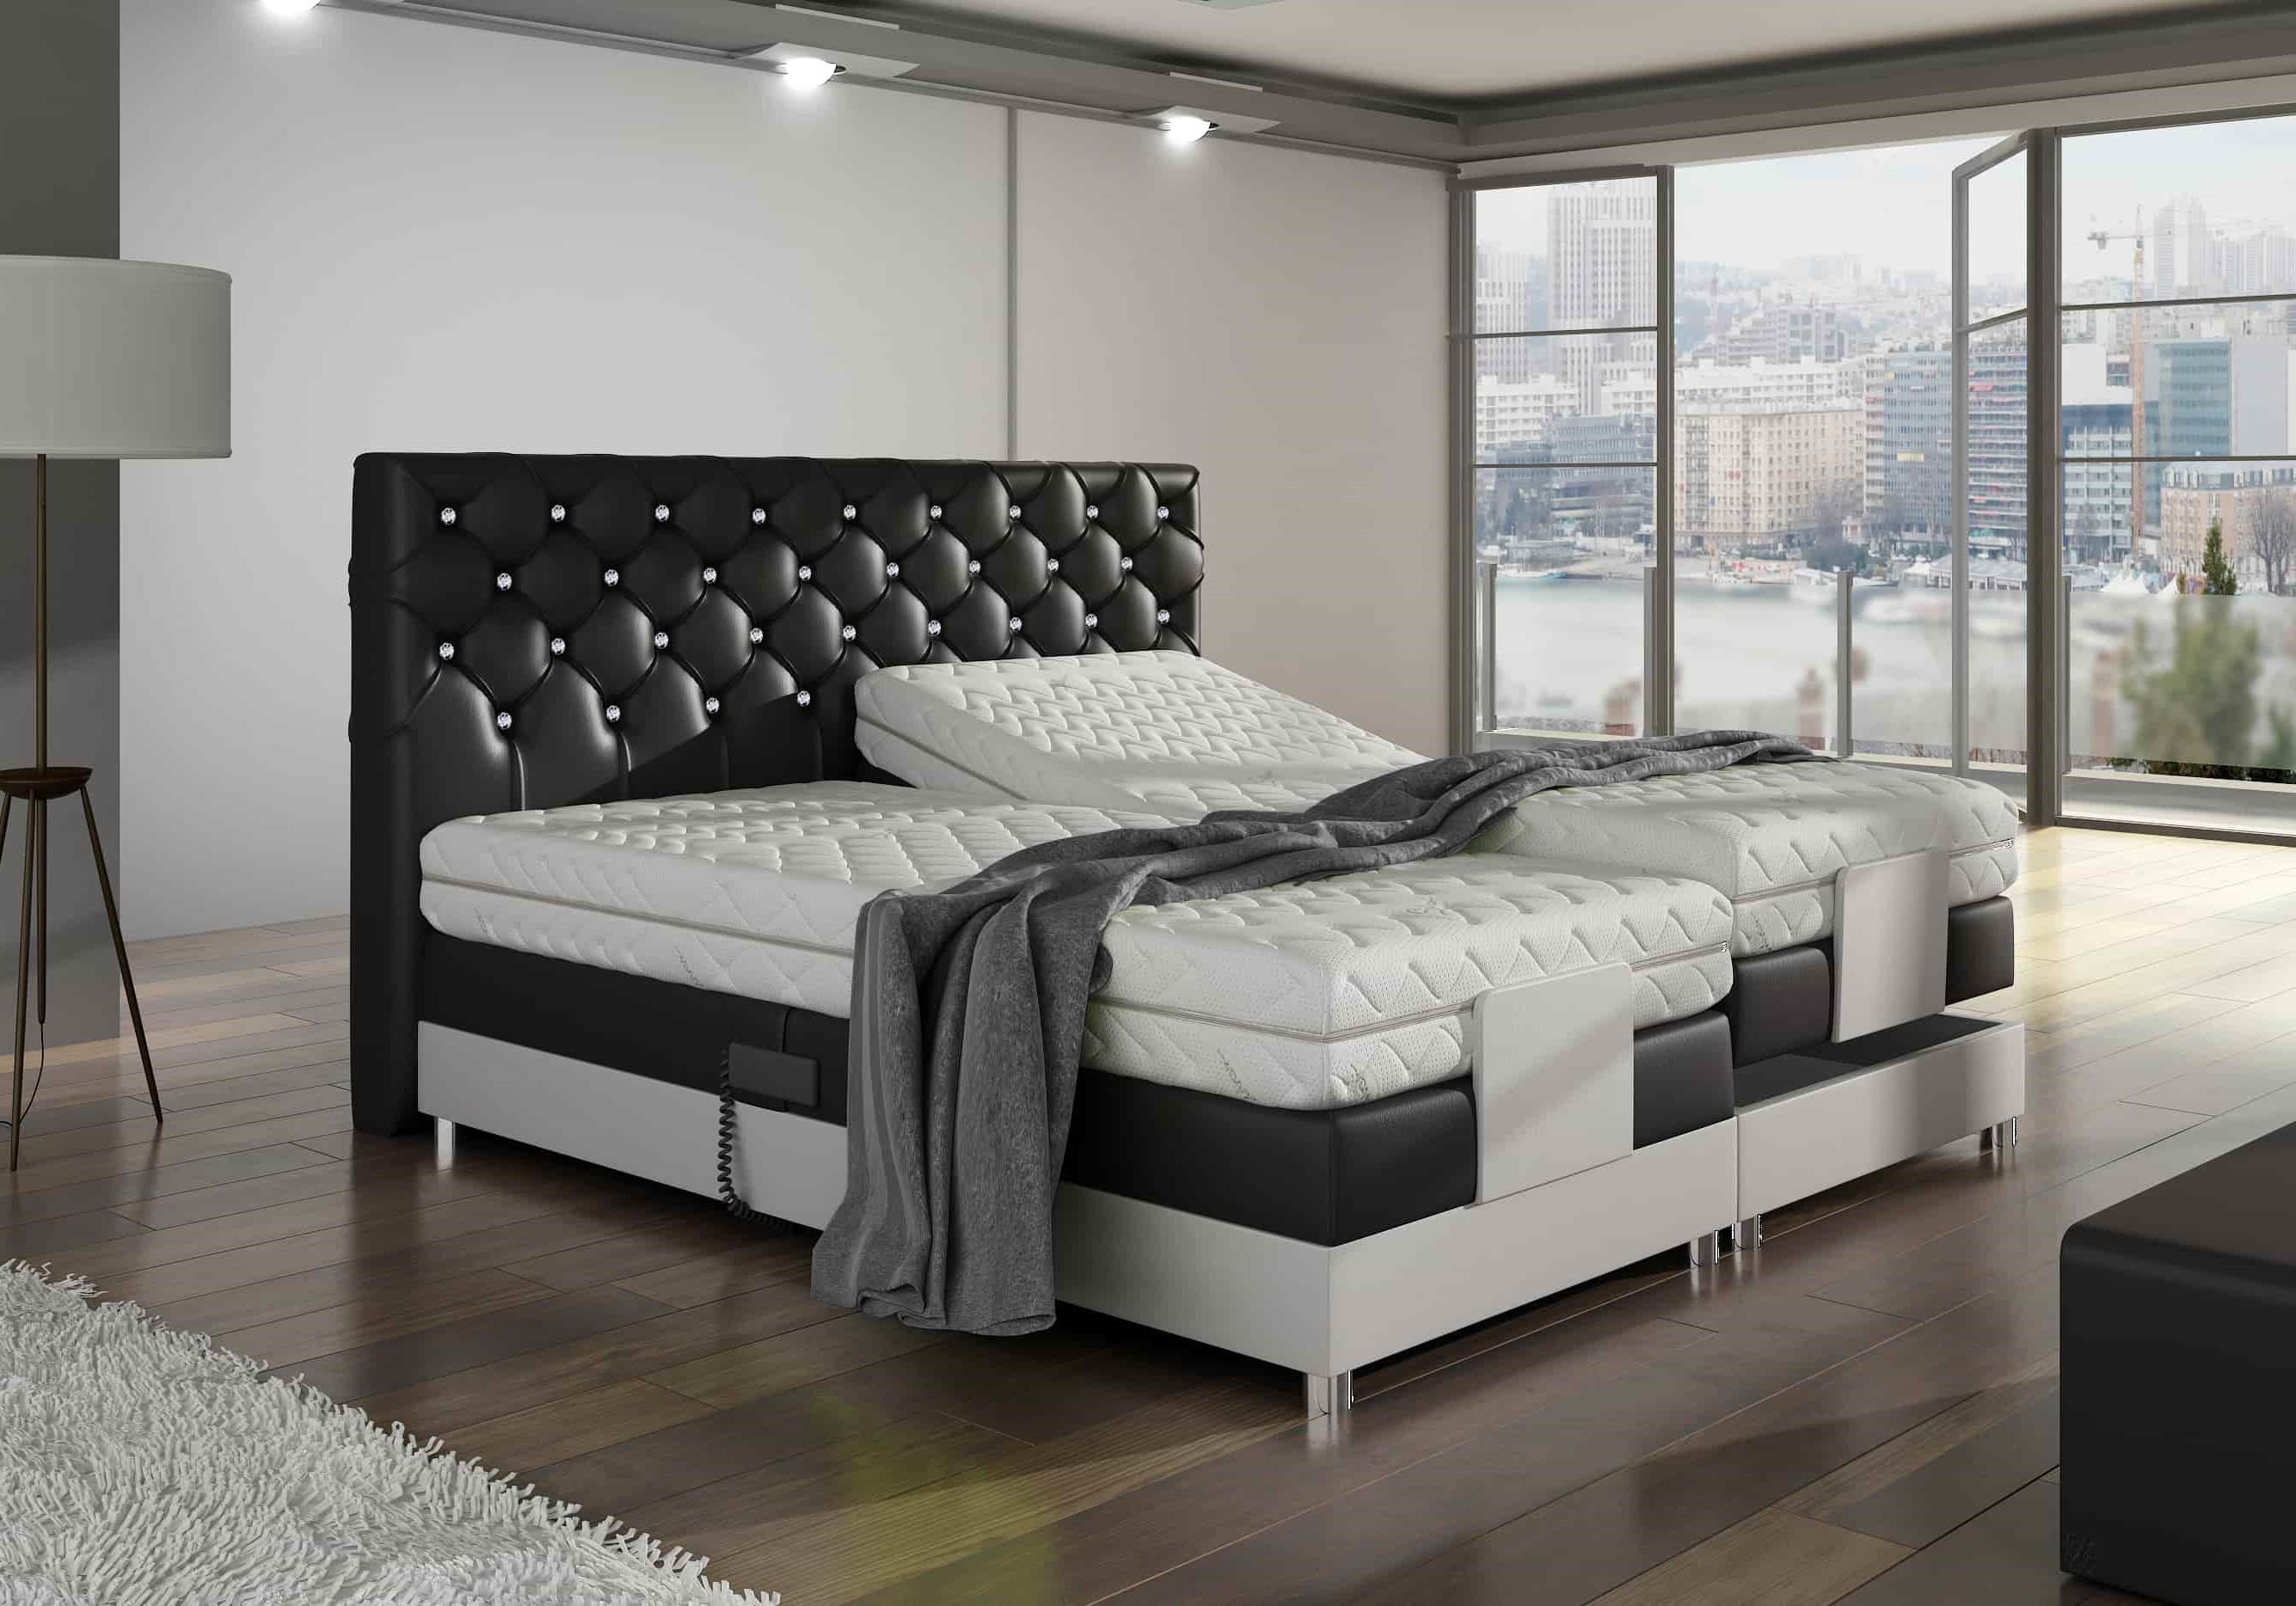 Łóżko kontynentalne EXCLUSIVE M&K Foam Koło